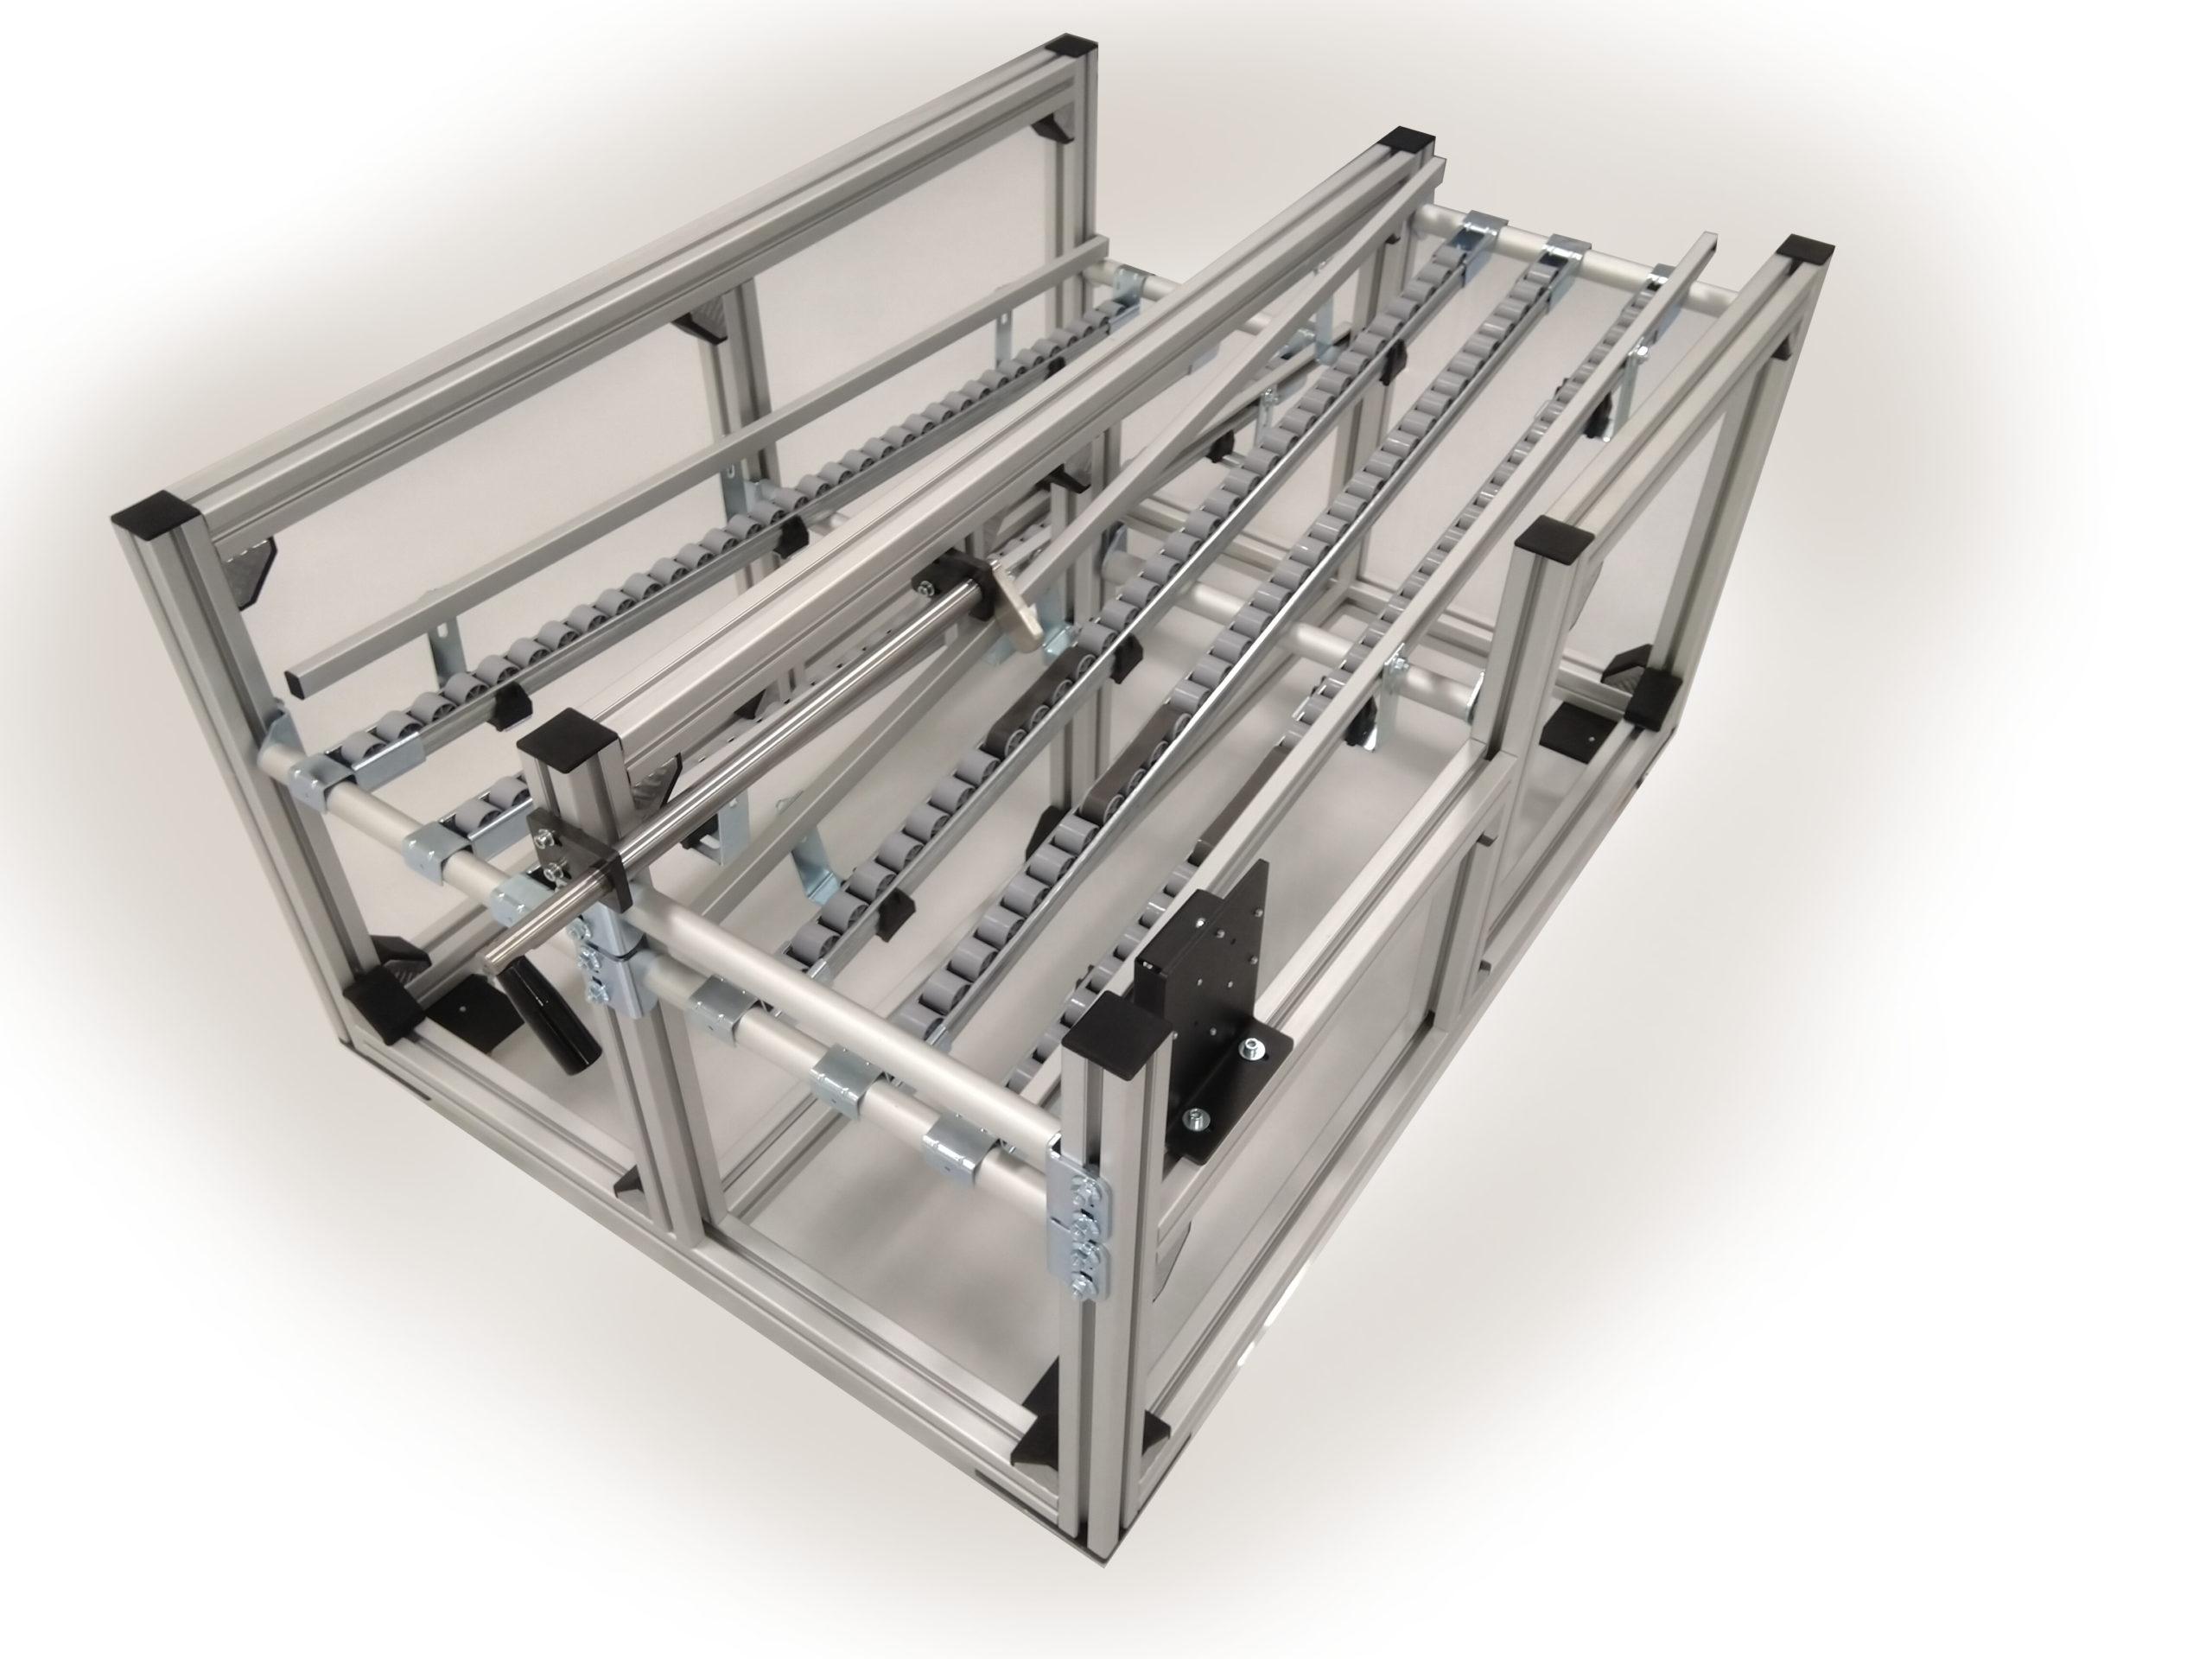 Regał podajnik rolkowy do komponentów pudeł box production trays trailers